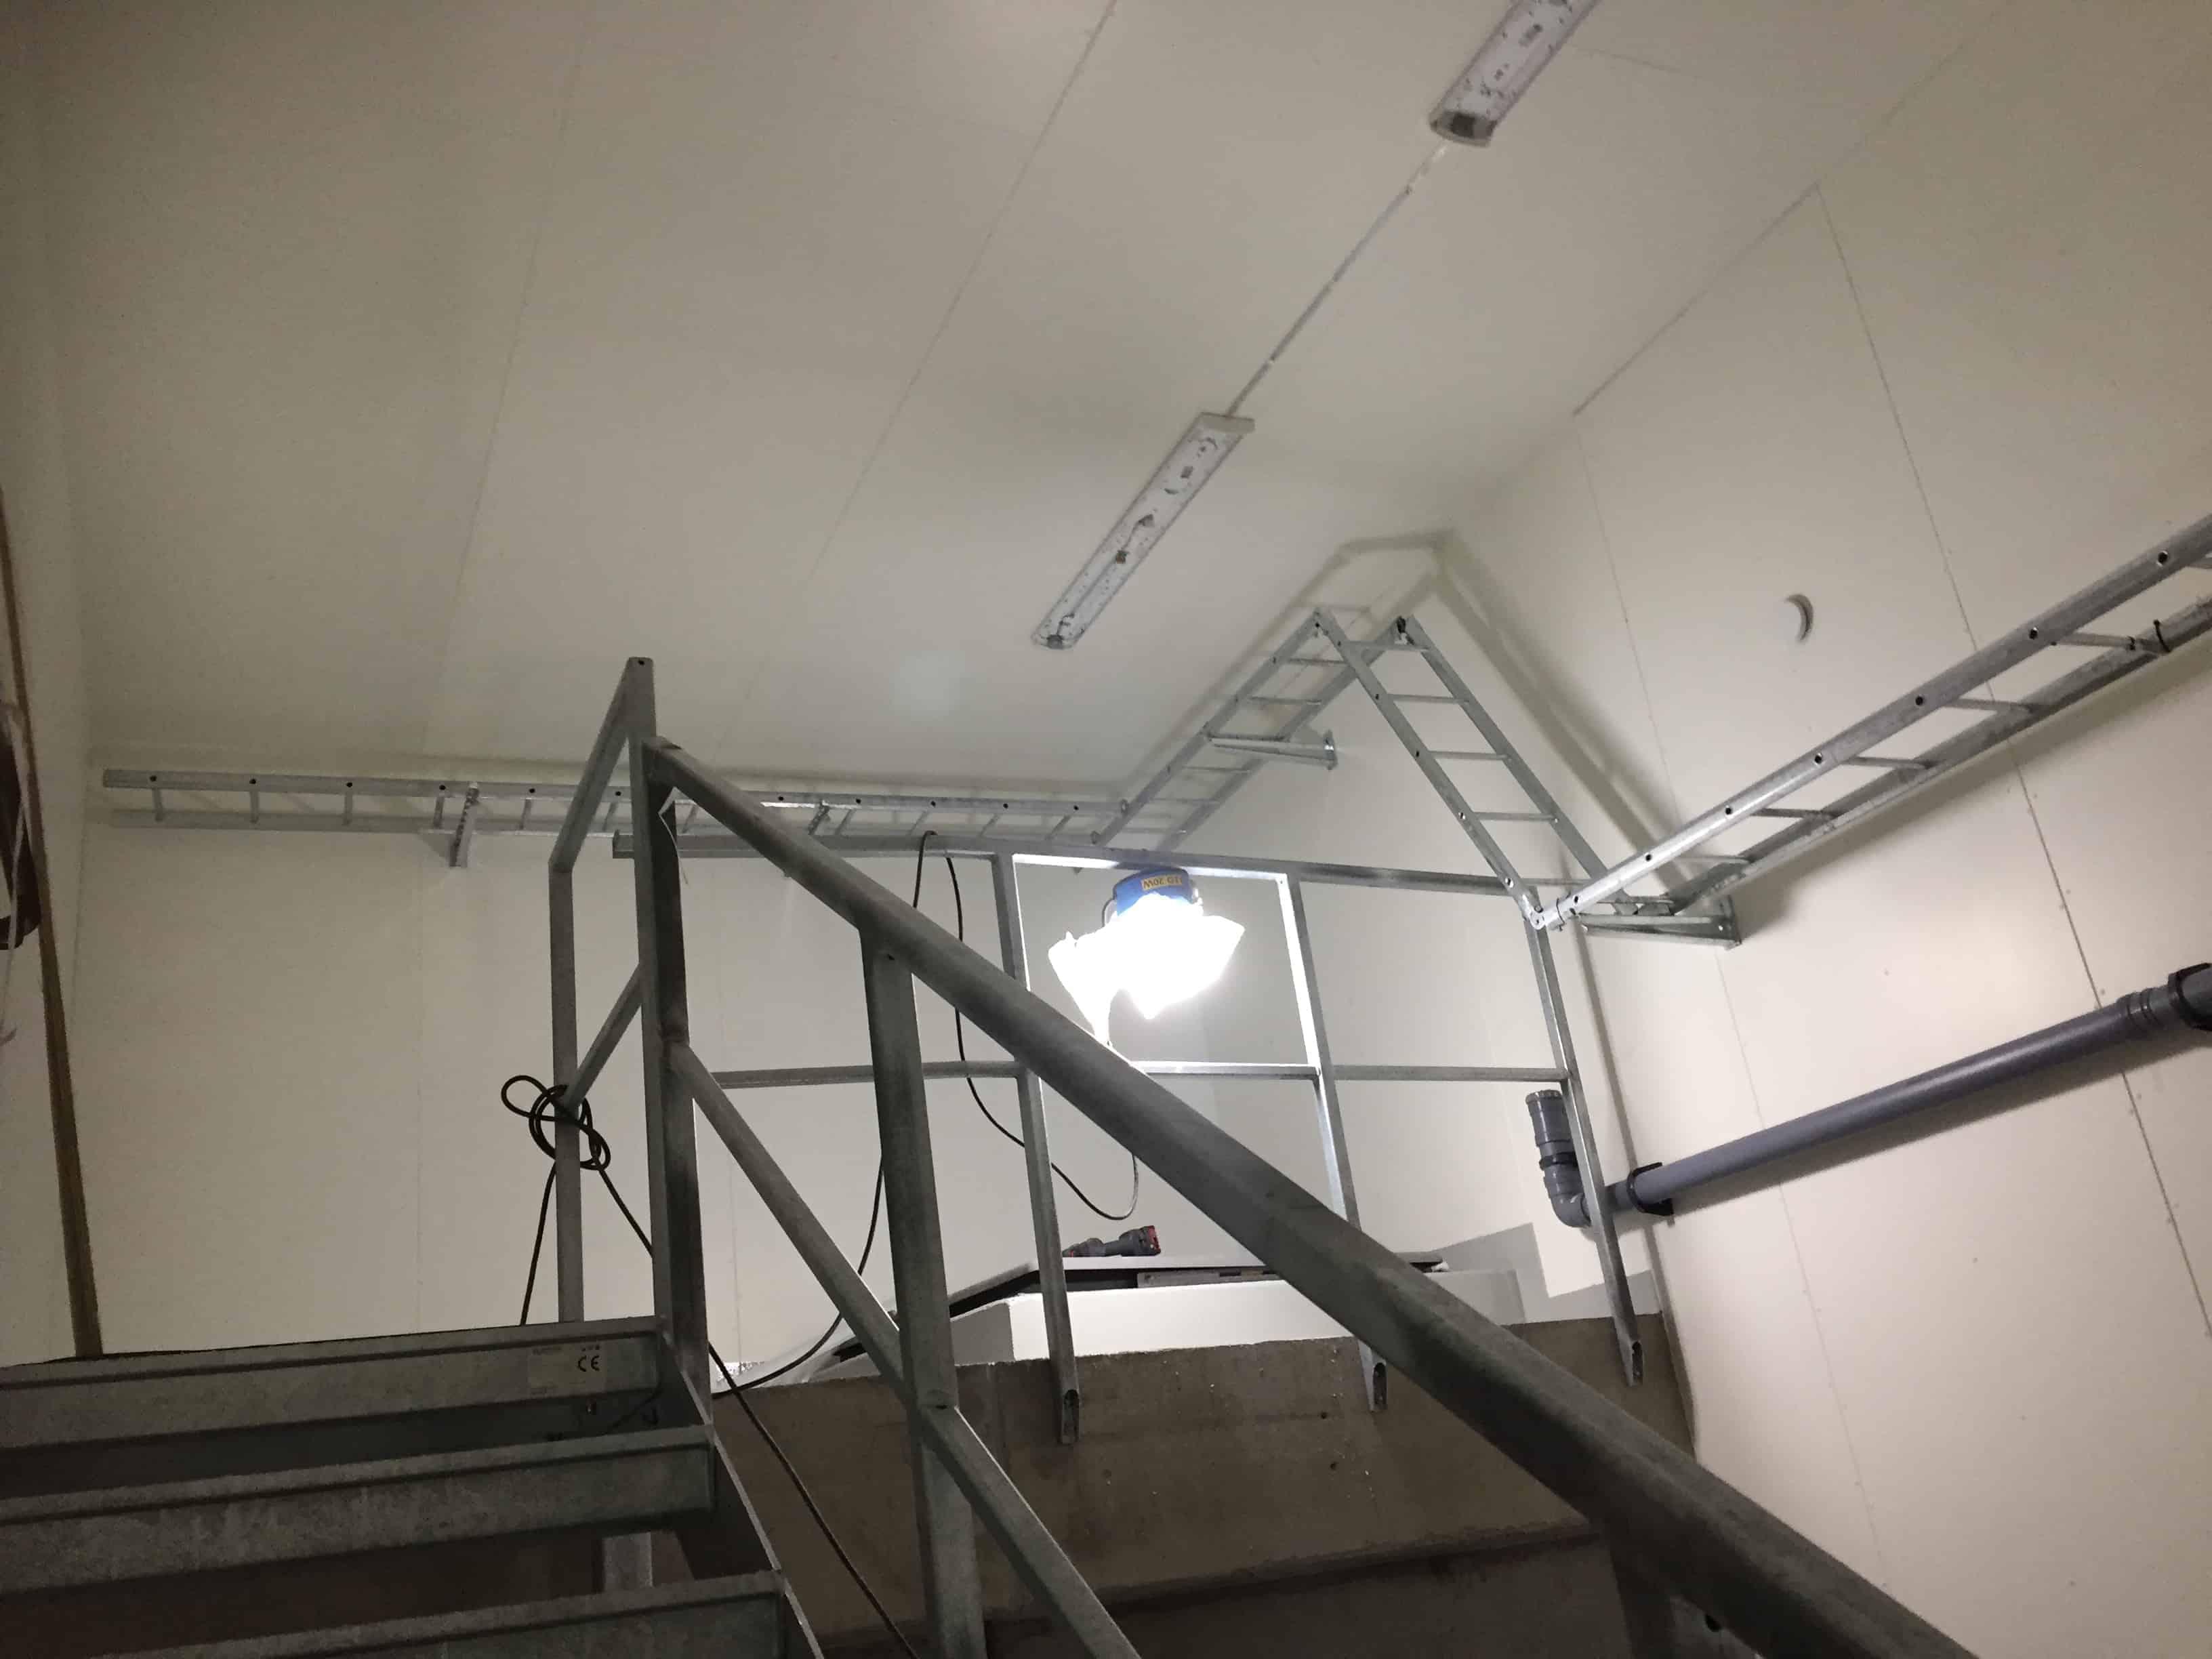 """Referensjobb """"Montering av kabelstegar och belysning """" utfört av Elantro El"""